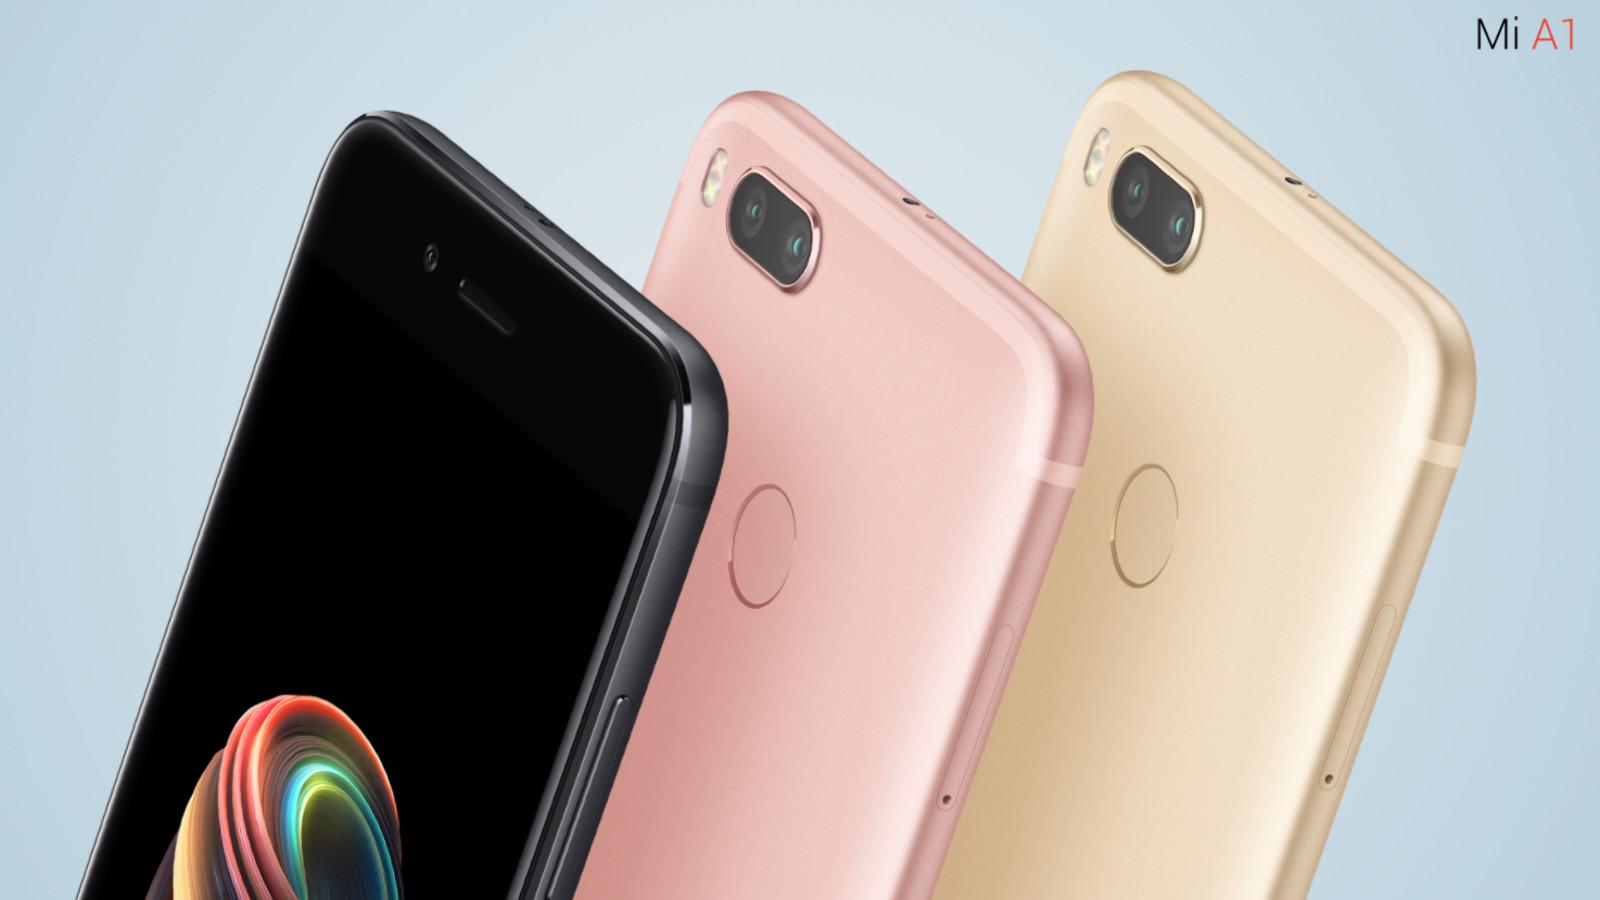 Xiaomi,Mi A1,Xiaomi Mi A1